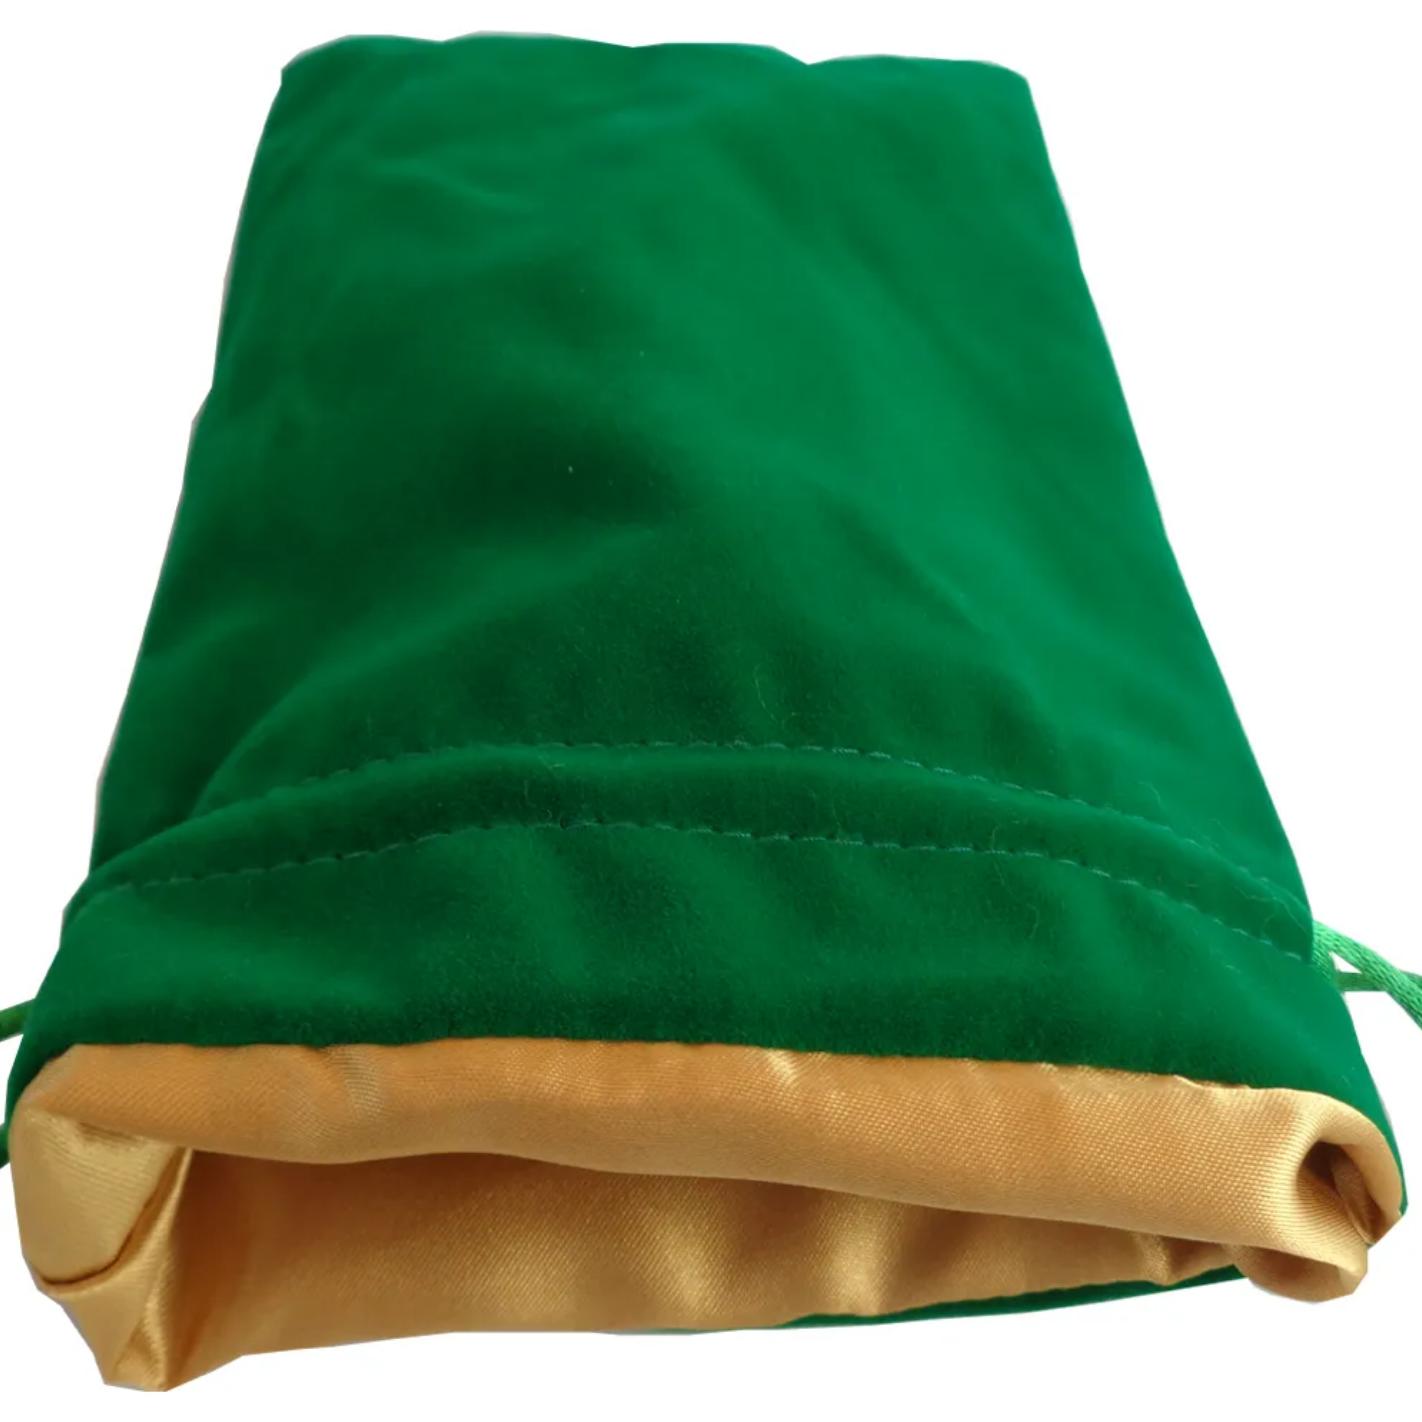 Green Dice Bag